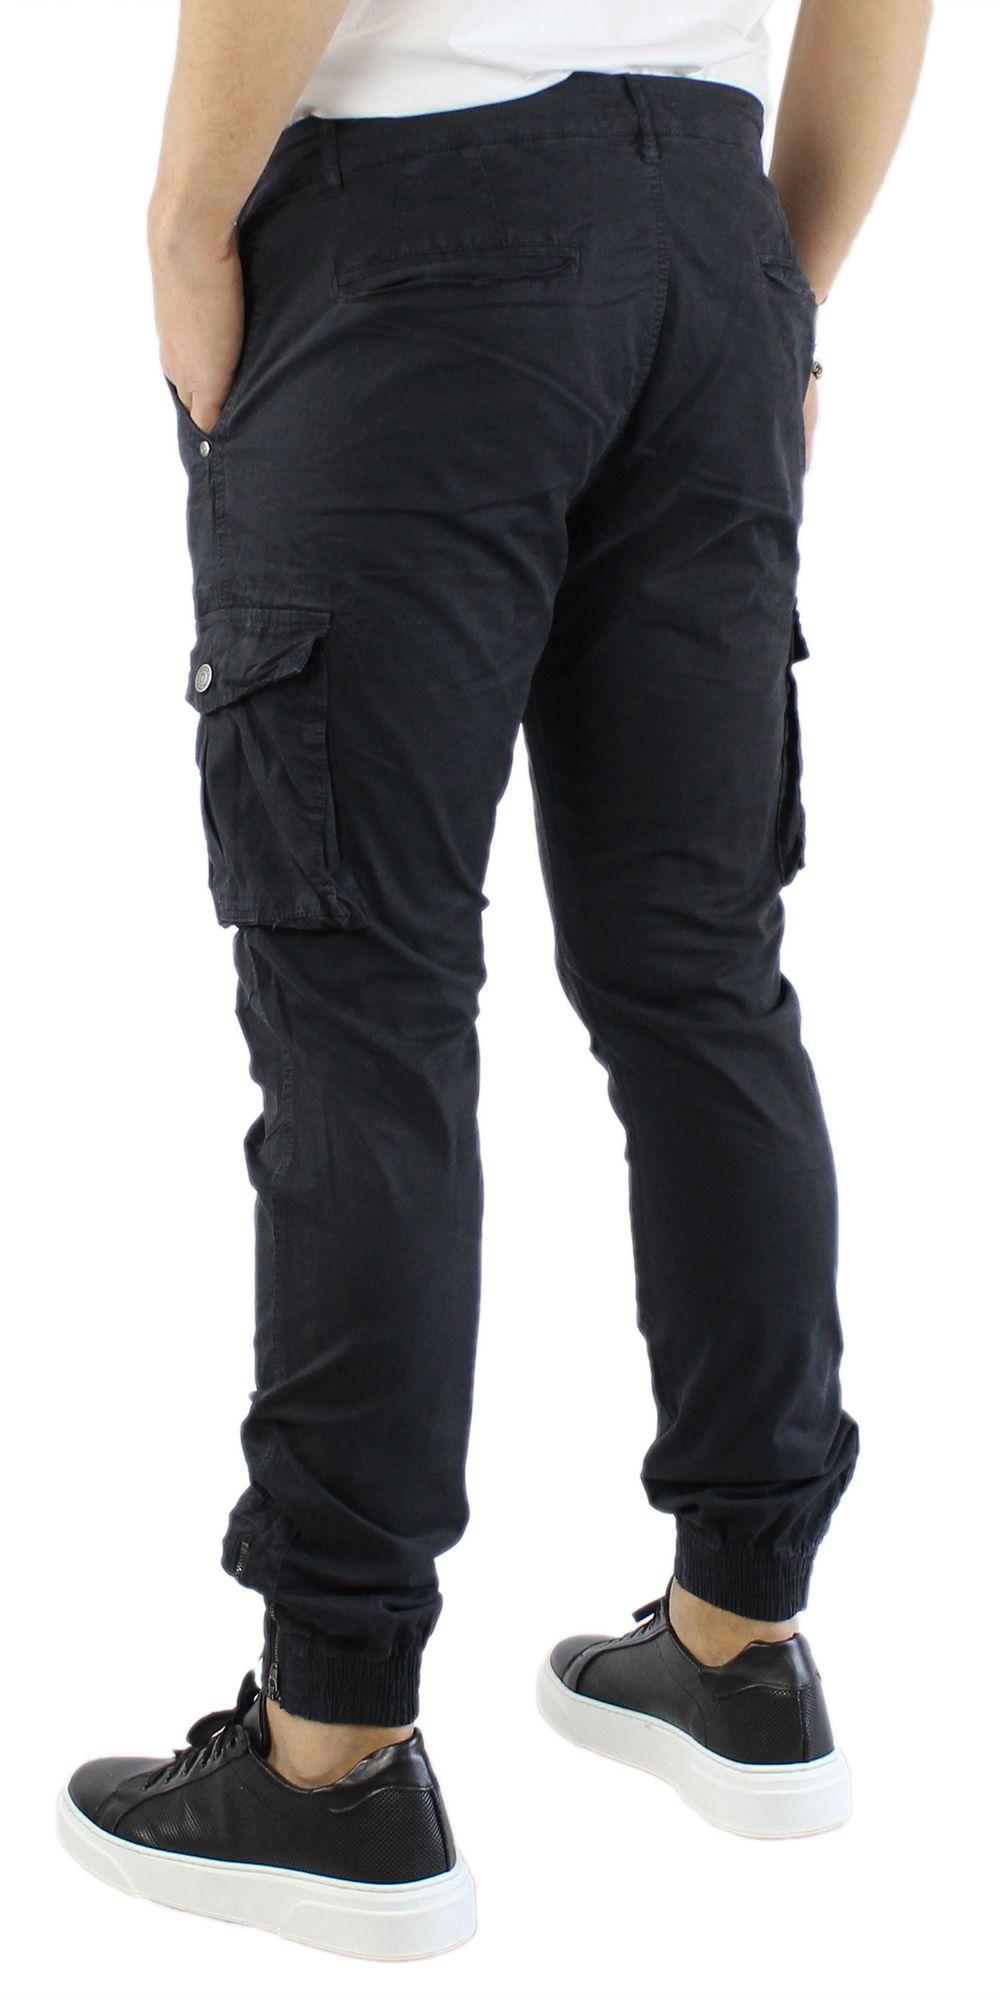 Pantaloni-Uomo-Cargo-in-Cotone-Pantalone-Tasconi-Laterali-Slim-Fit-Leggero miniatura 5